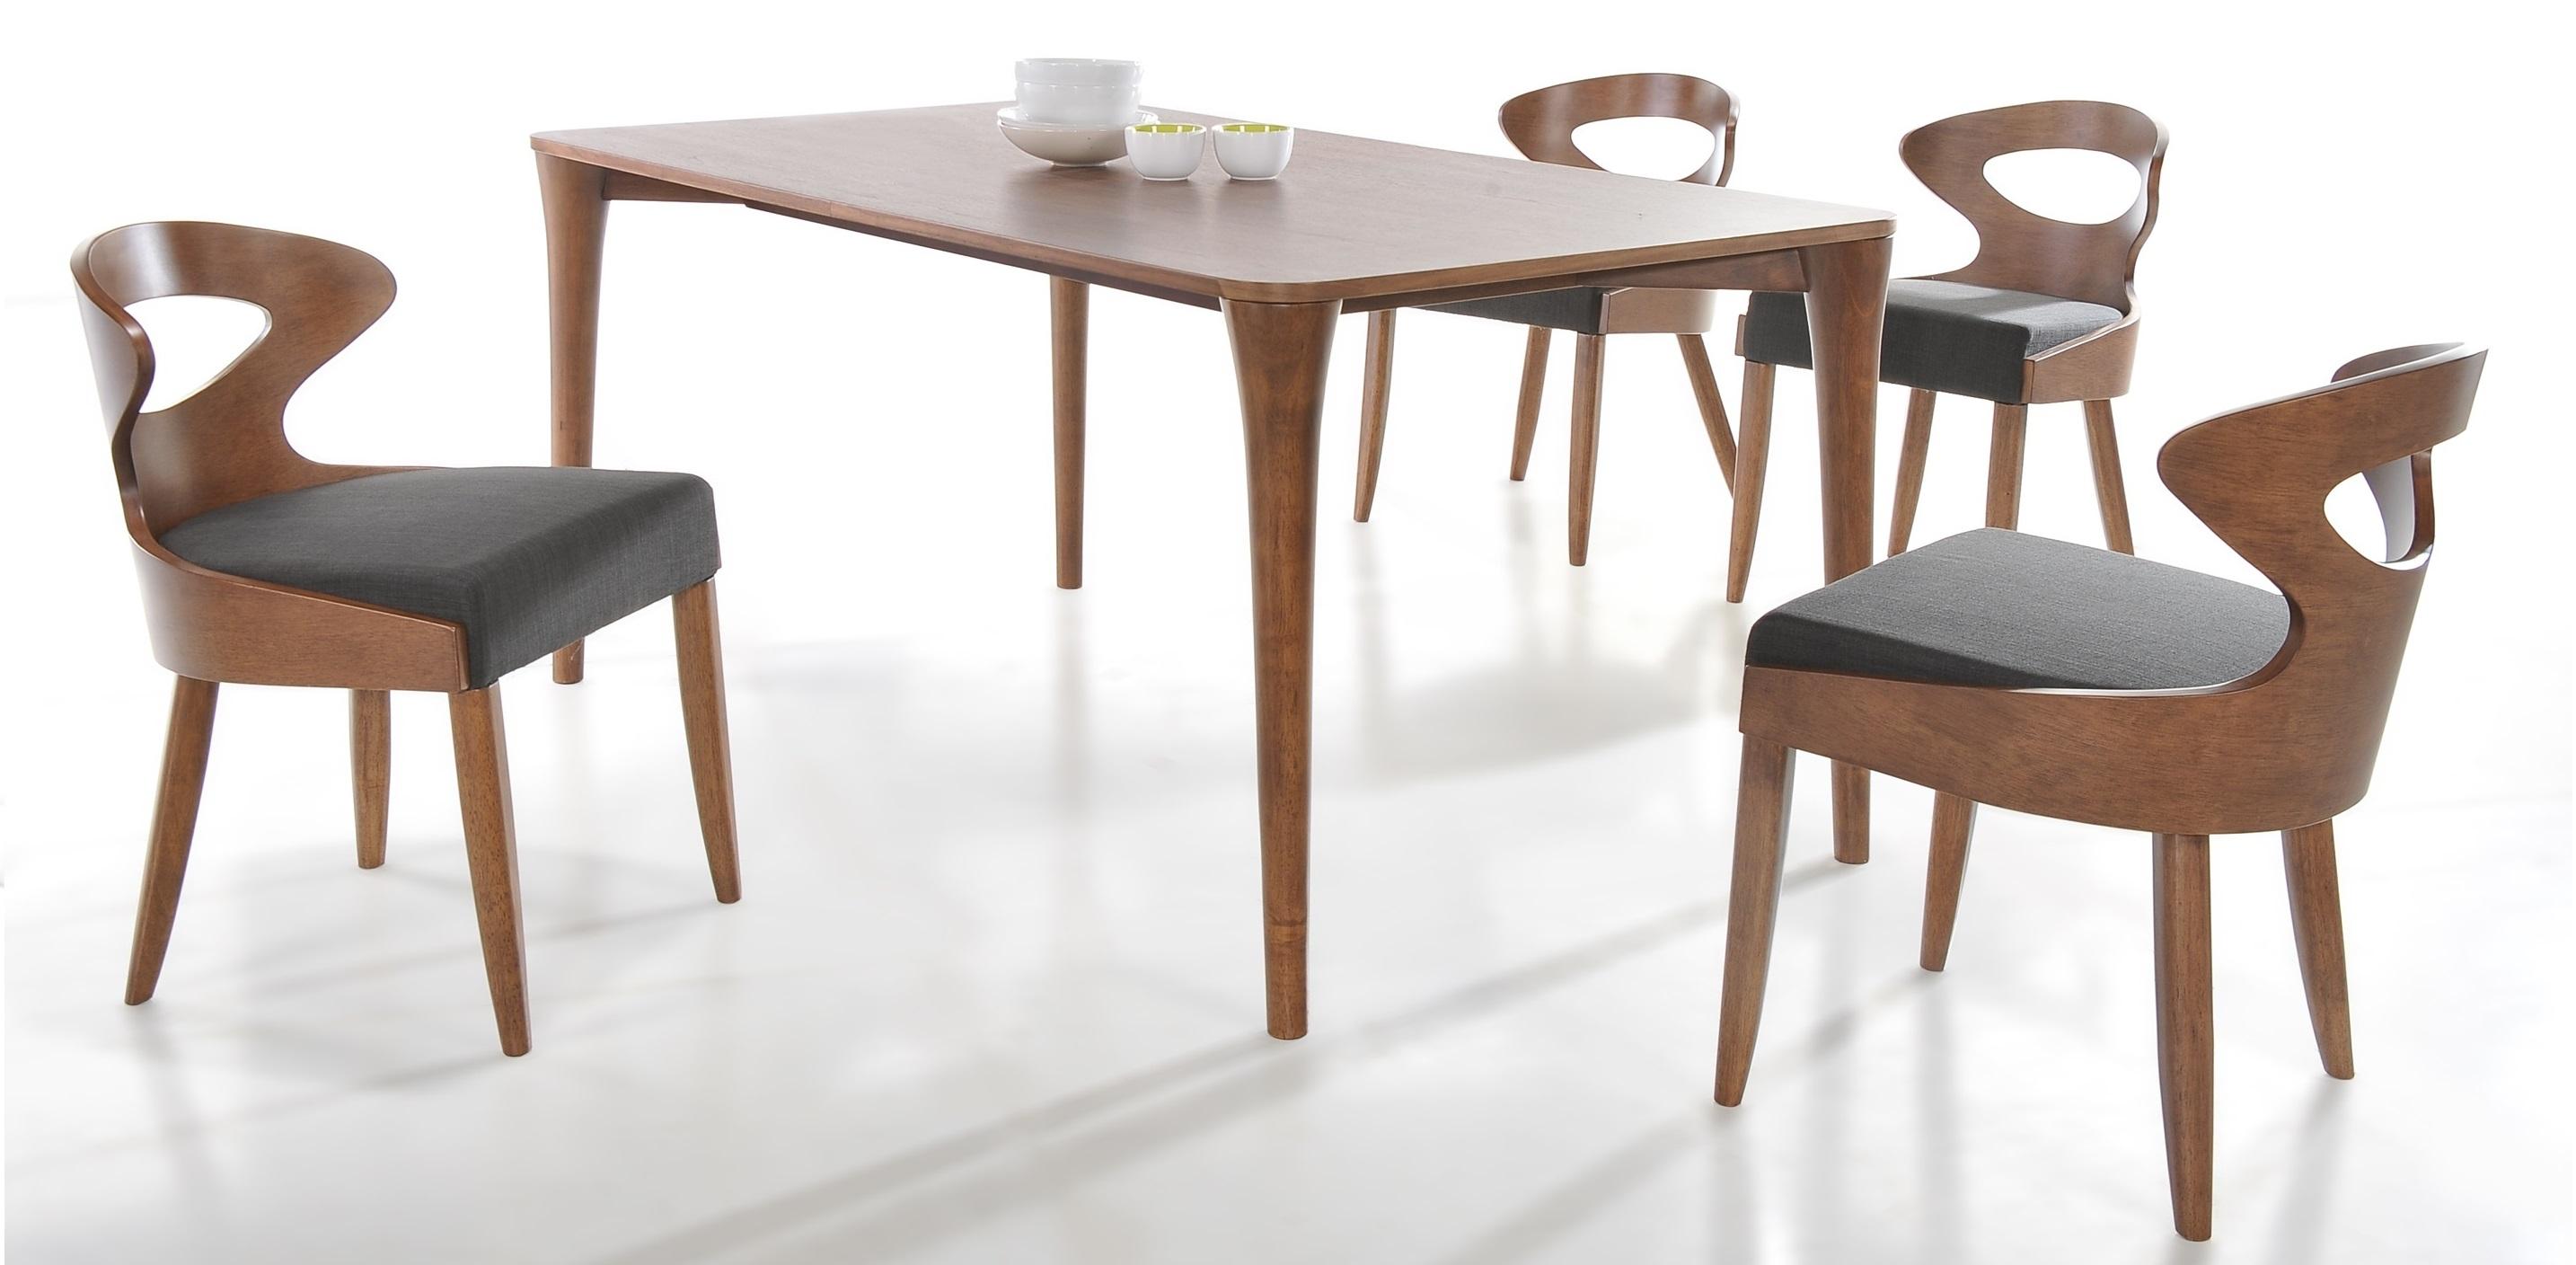 95eb73bc9c7a Stôl do rodinného domu. Stôl do rodinného domu. Vintage nábytok do  kancelárie Retro stôl do jedálne. jedálenský set pre 4 osoby